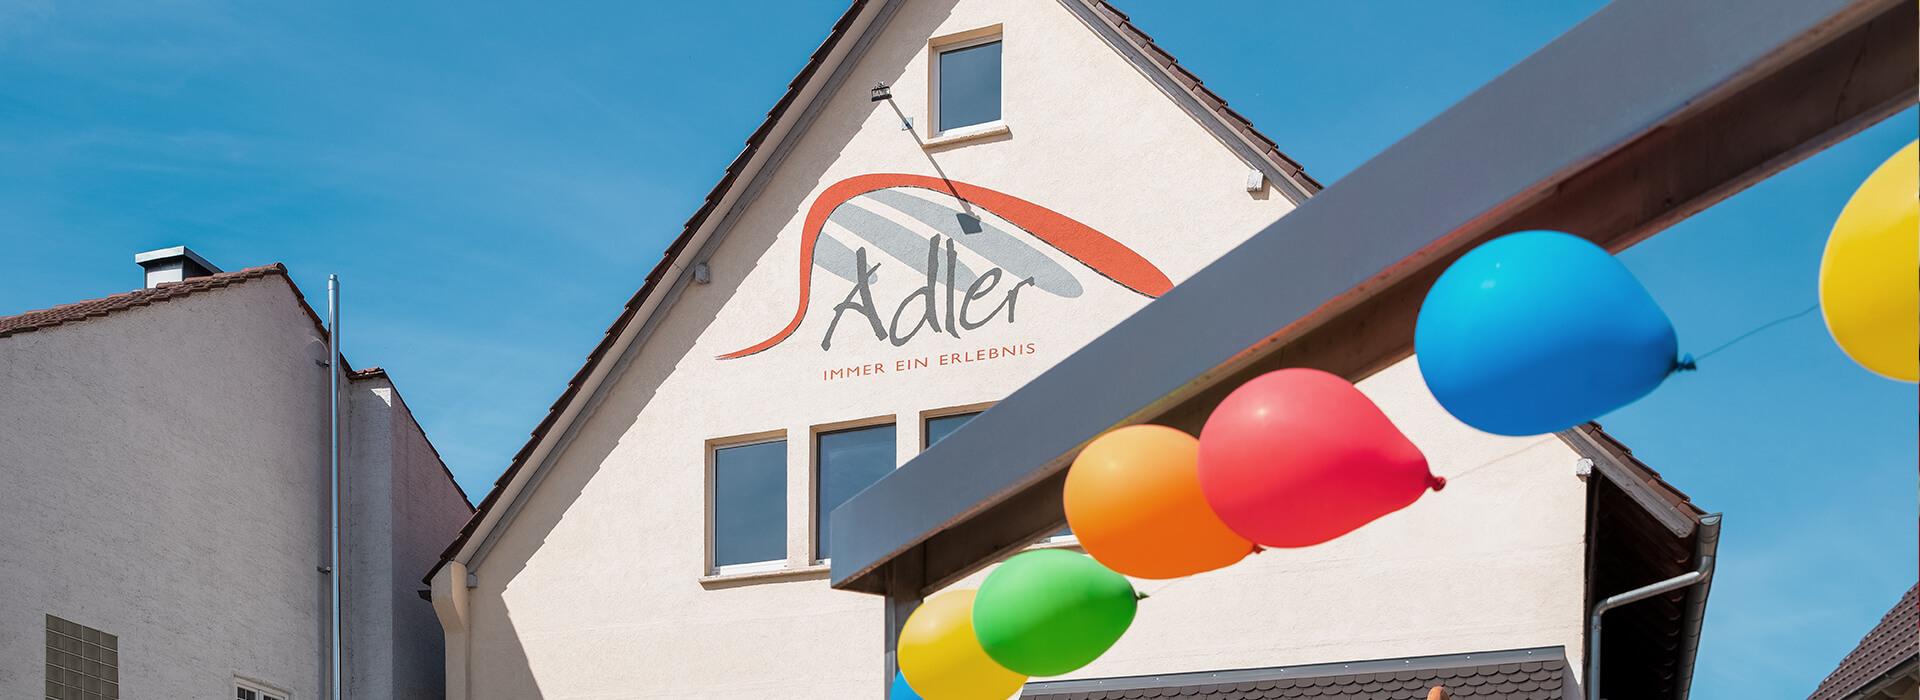 """Neues Mitglied: Restaurant """"Adler"""" in Ottersweier"""